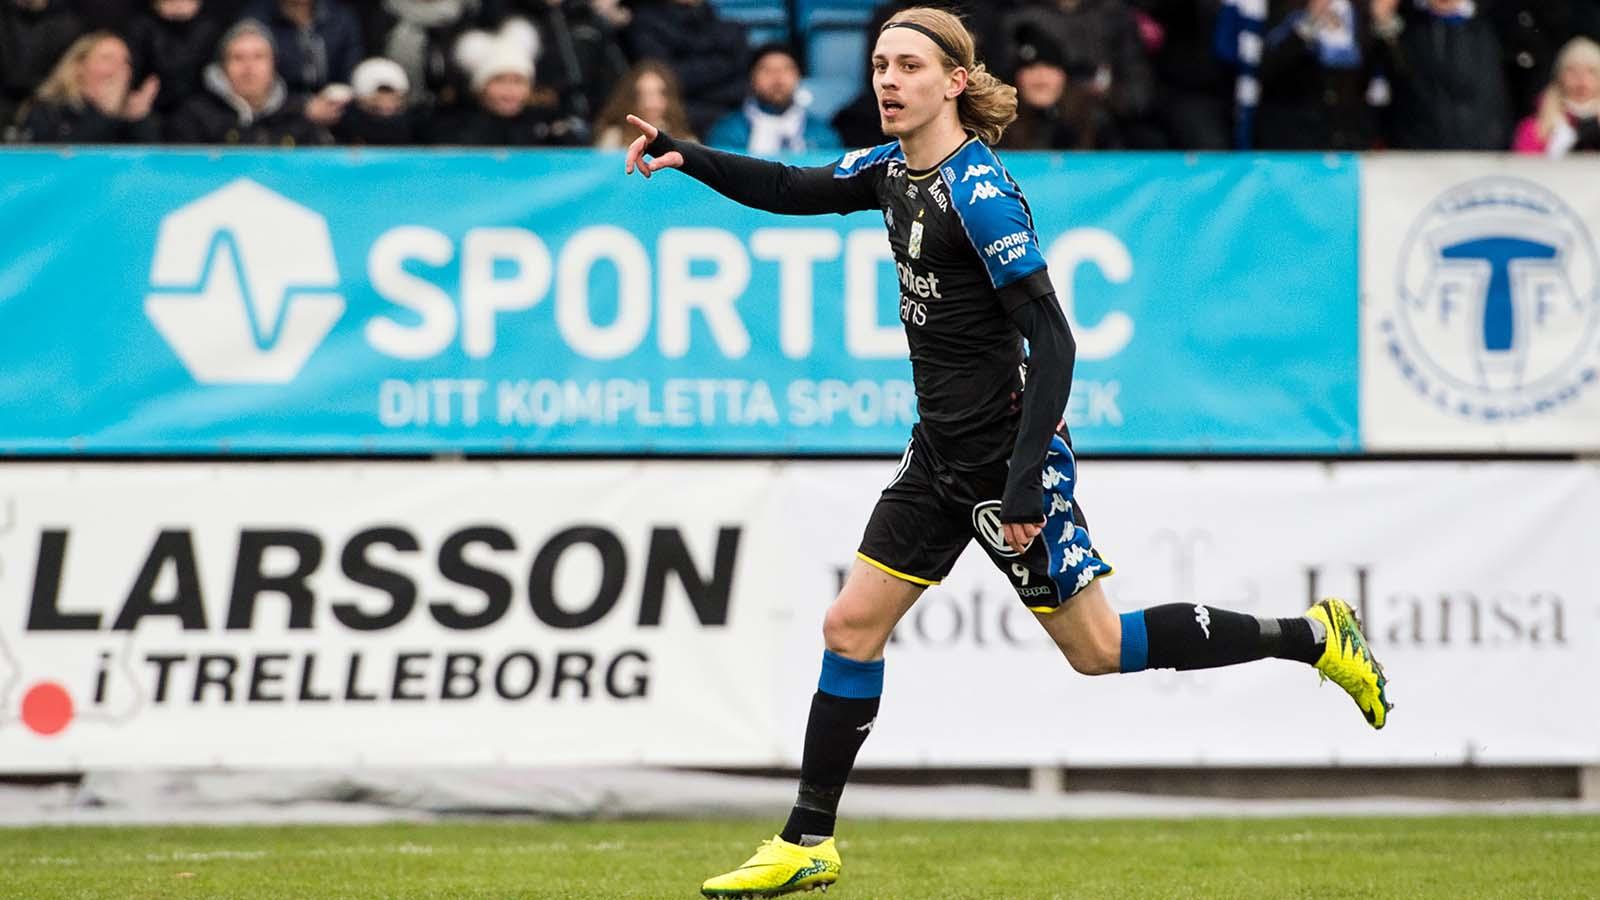 180401 IFK Göteborgs Elias Mar Omarsson jublar efter sitt 0-1 mål under fotbollsmatchen i Allsvenskan mellan Trelleborg och IFK Göteborg den 1 april 2018 i Trelleborg. Foto: Petter Arvidson / BILDBYRÅN / kod PA / 92013